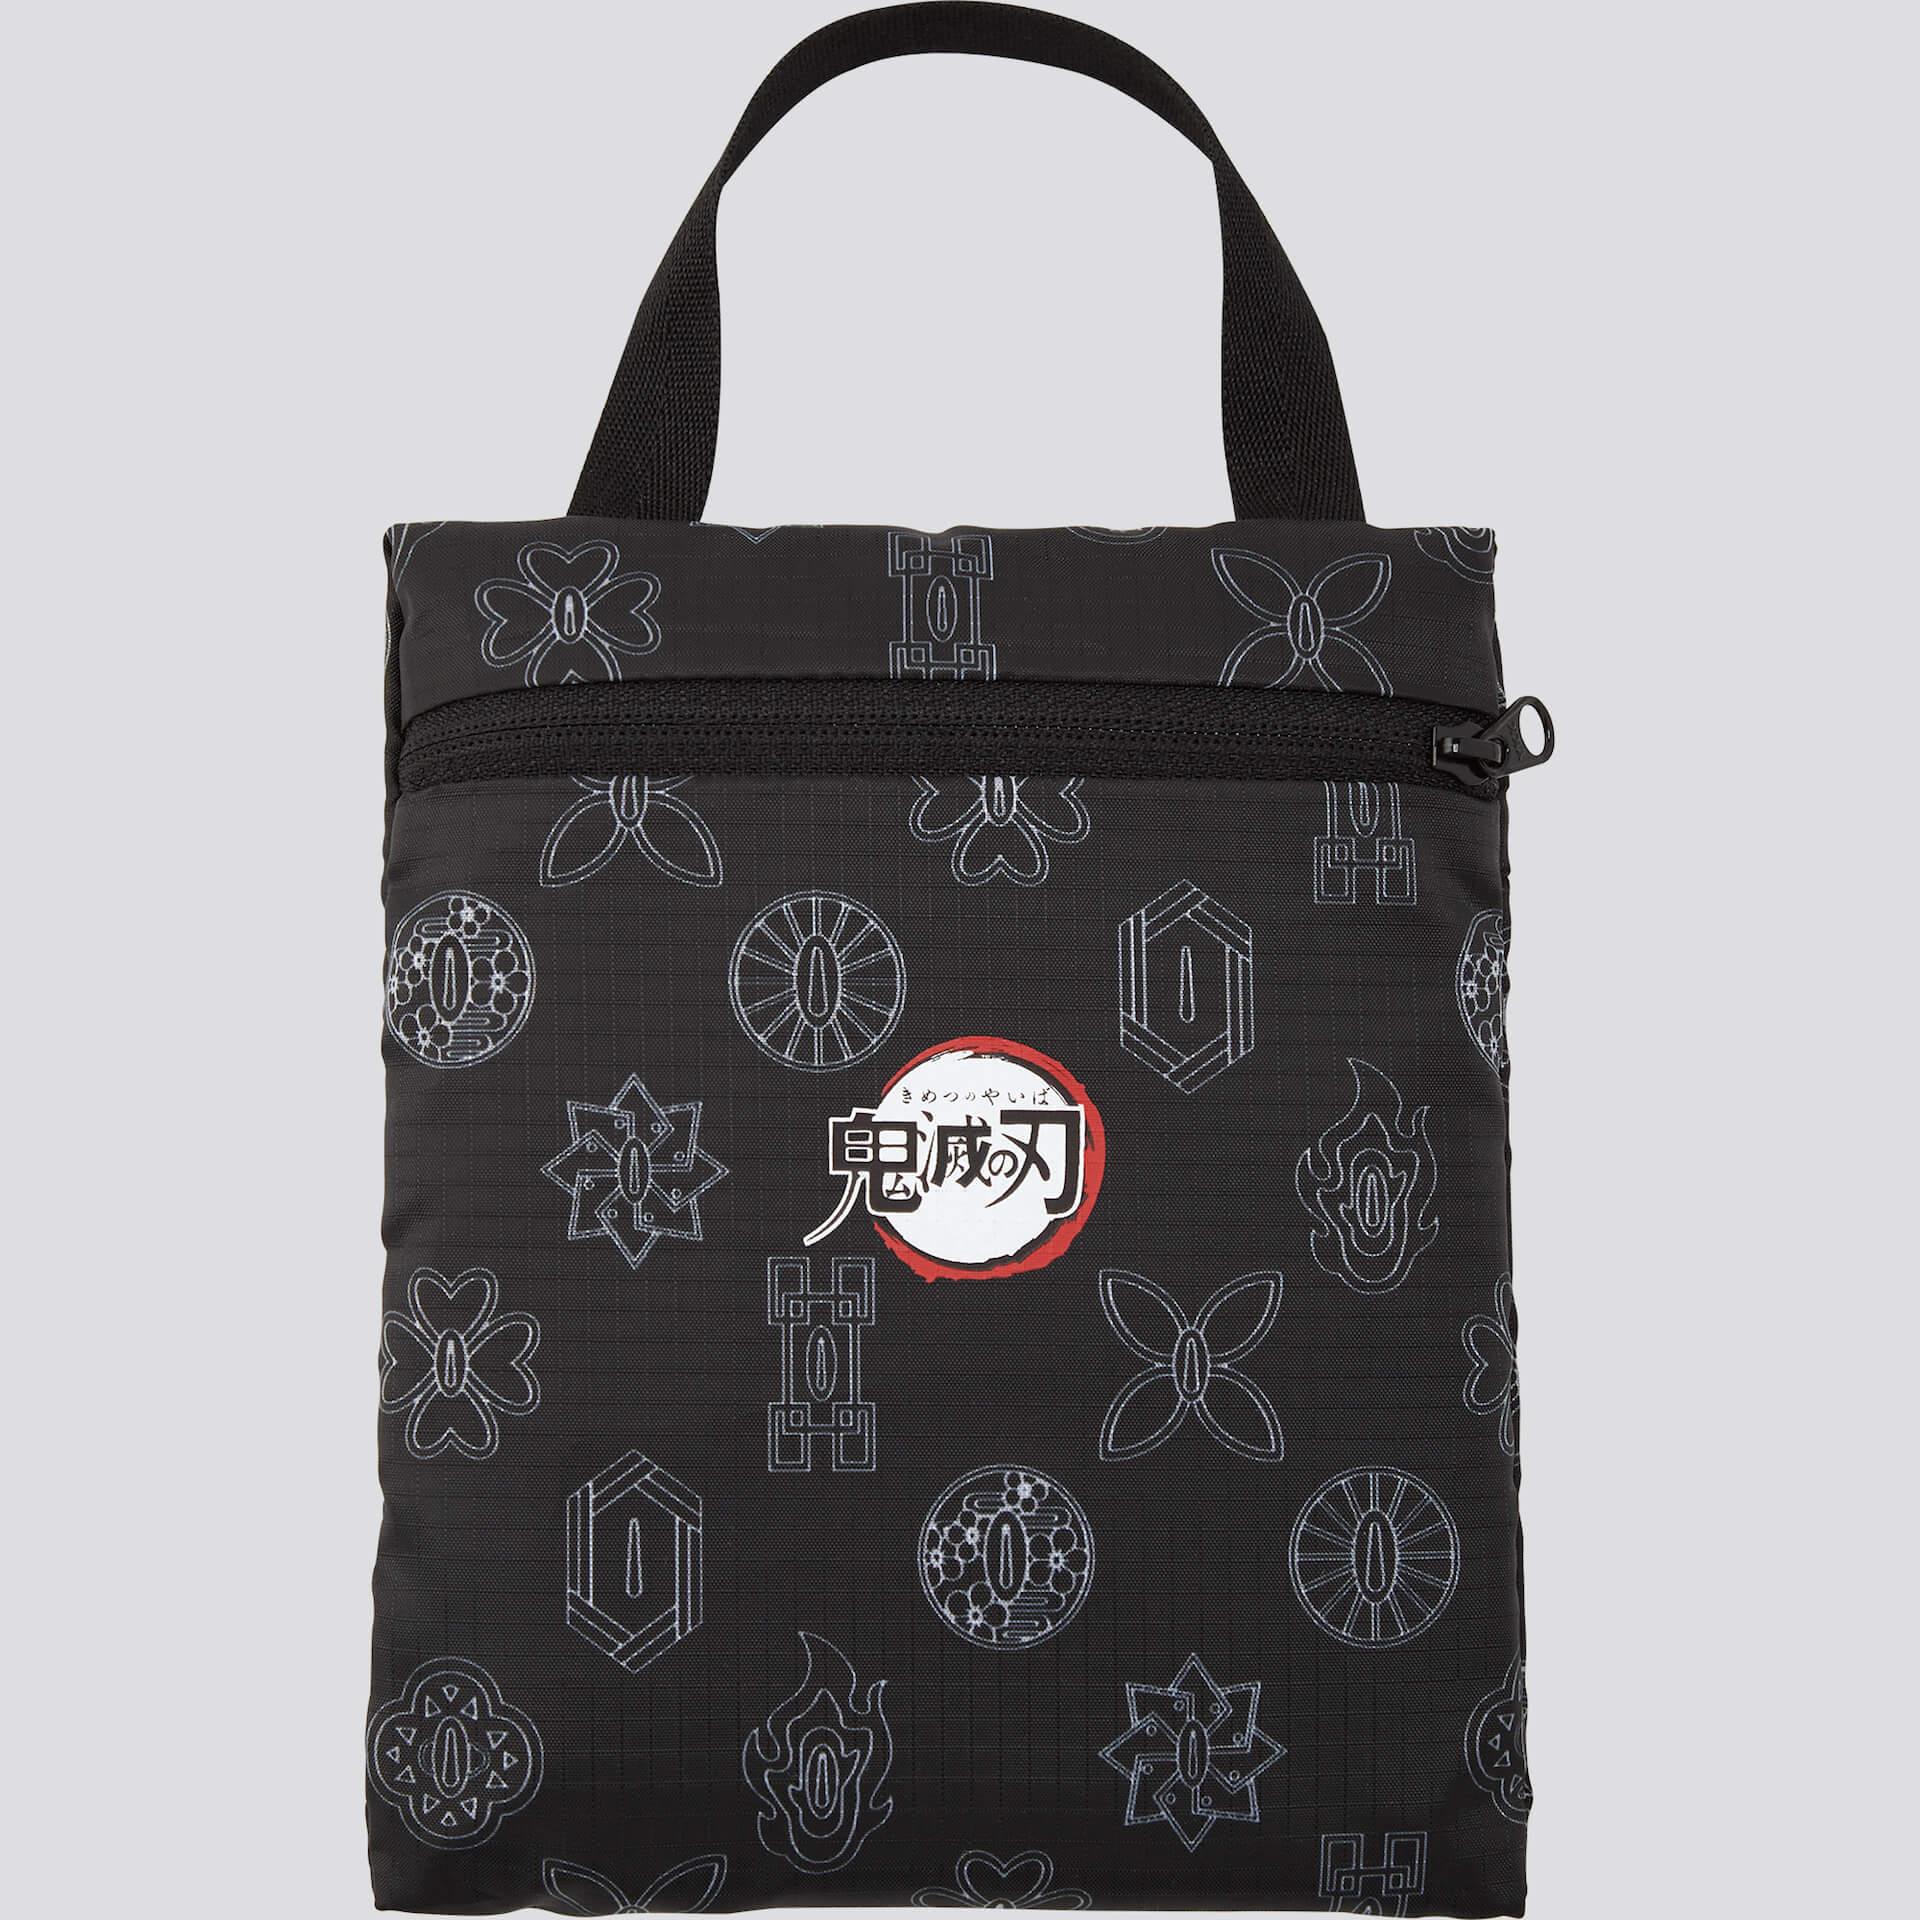 『鬼滅の刃』とユニクロ「UT」コラボ第2弾のコレクションがついに発表!着物や鍔をイメージしたバッグ&タオルも登場 life200817_kimetsu_ut_24